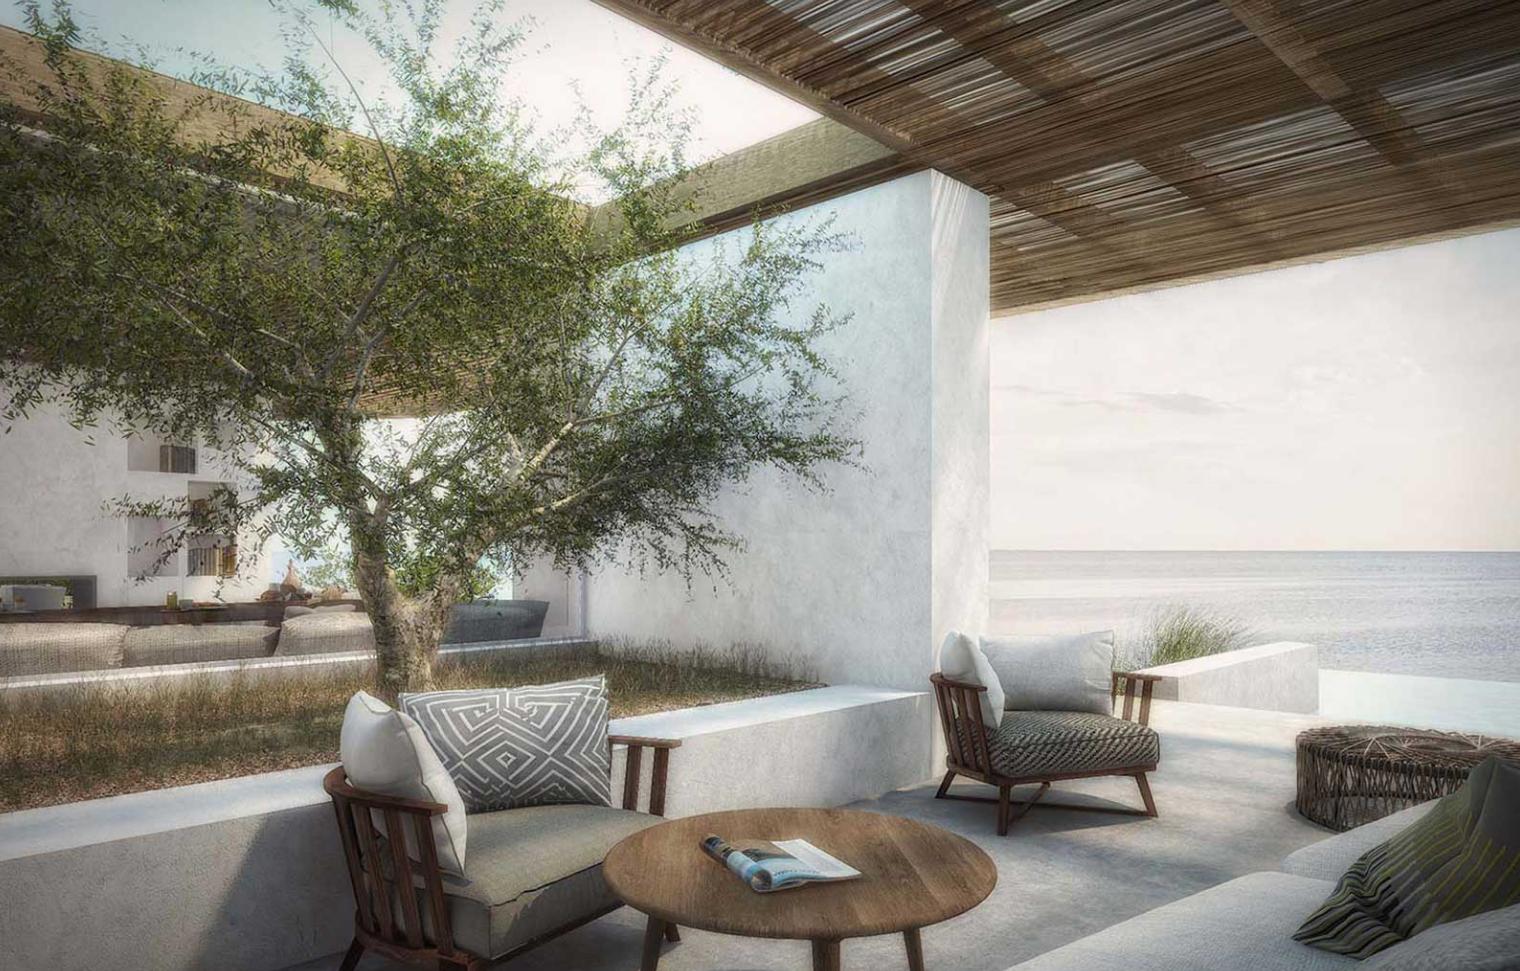 casa vacanza Grecia Creta progettato dallo studio block722